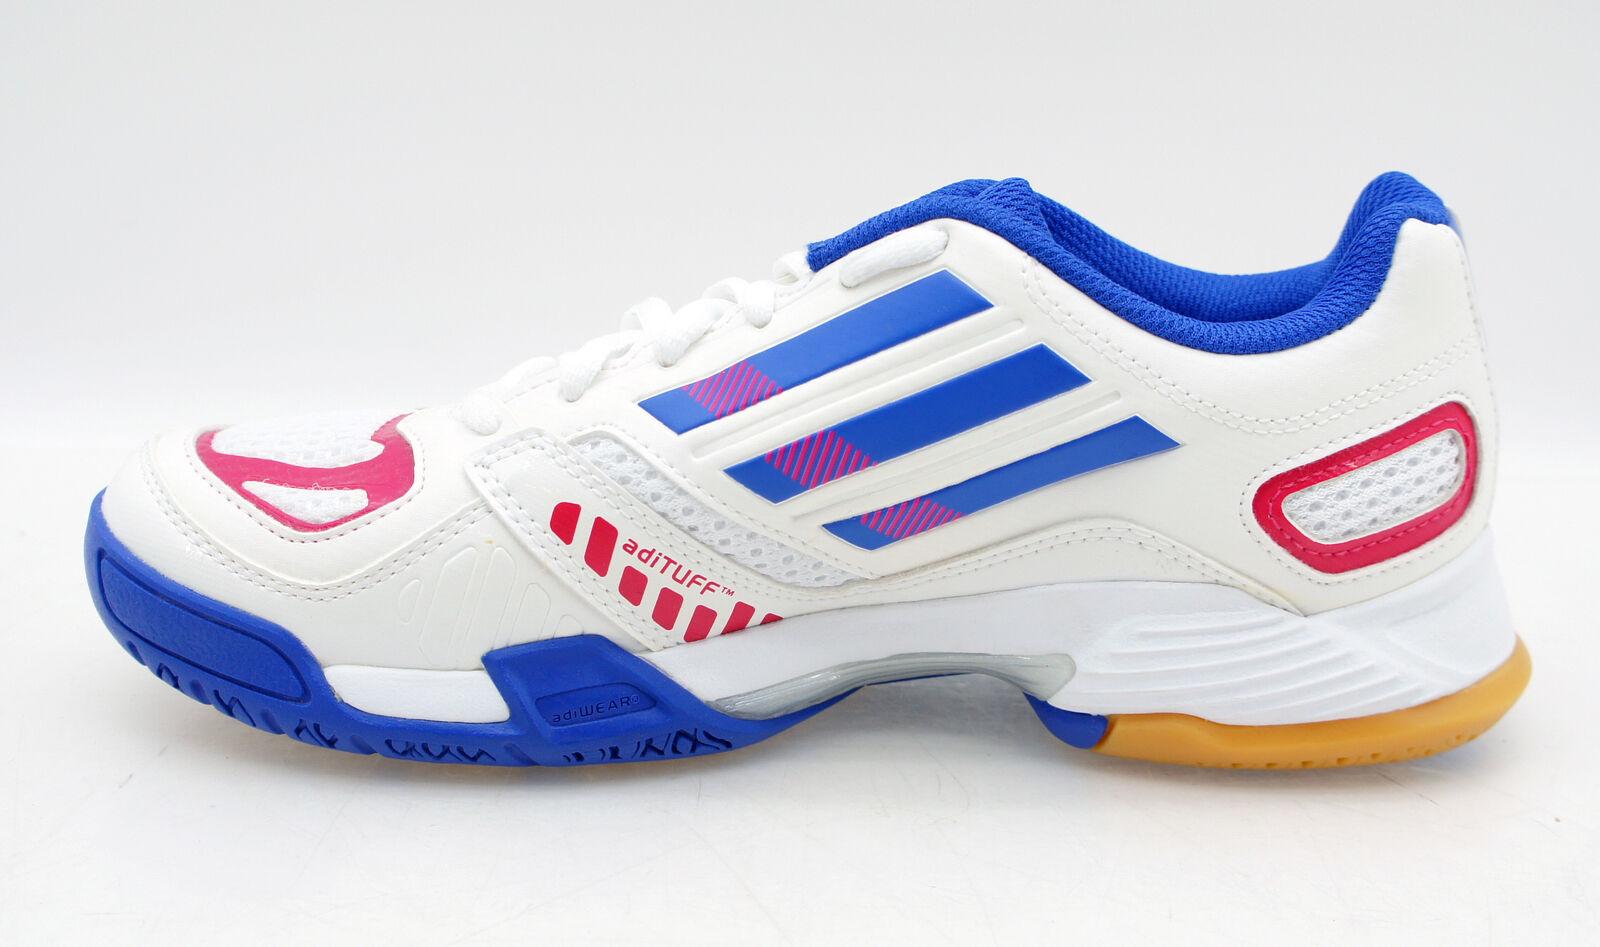 Adidas Lauf Sport Fitness Damen Schuhe weiß blau blau blau G62511 ec77b2